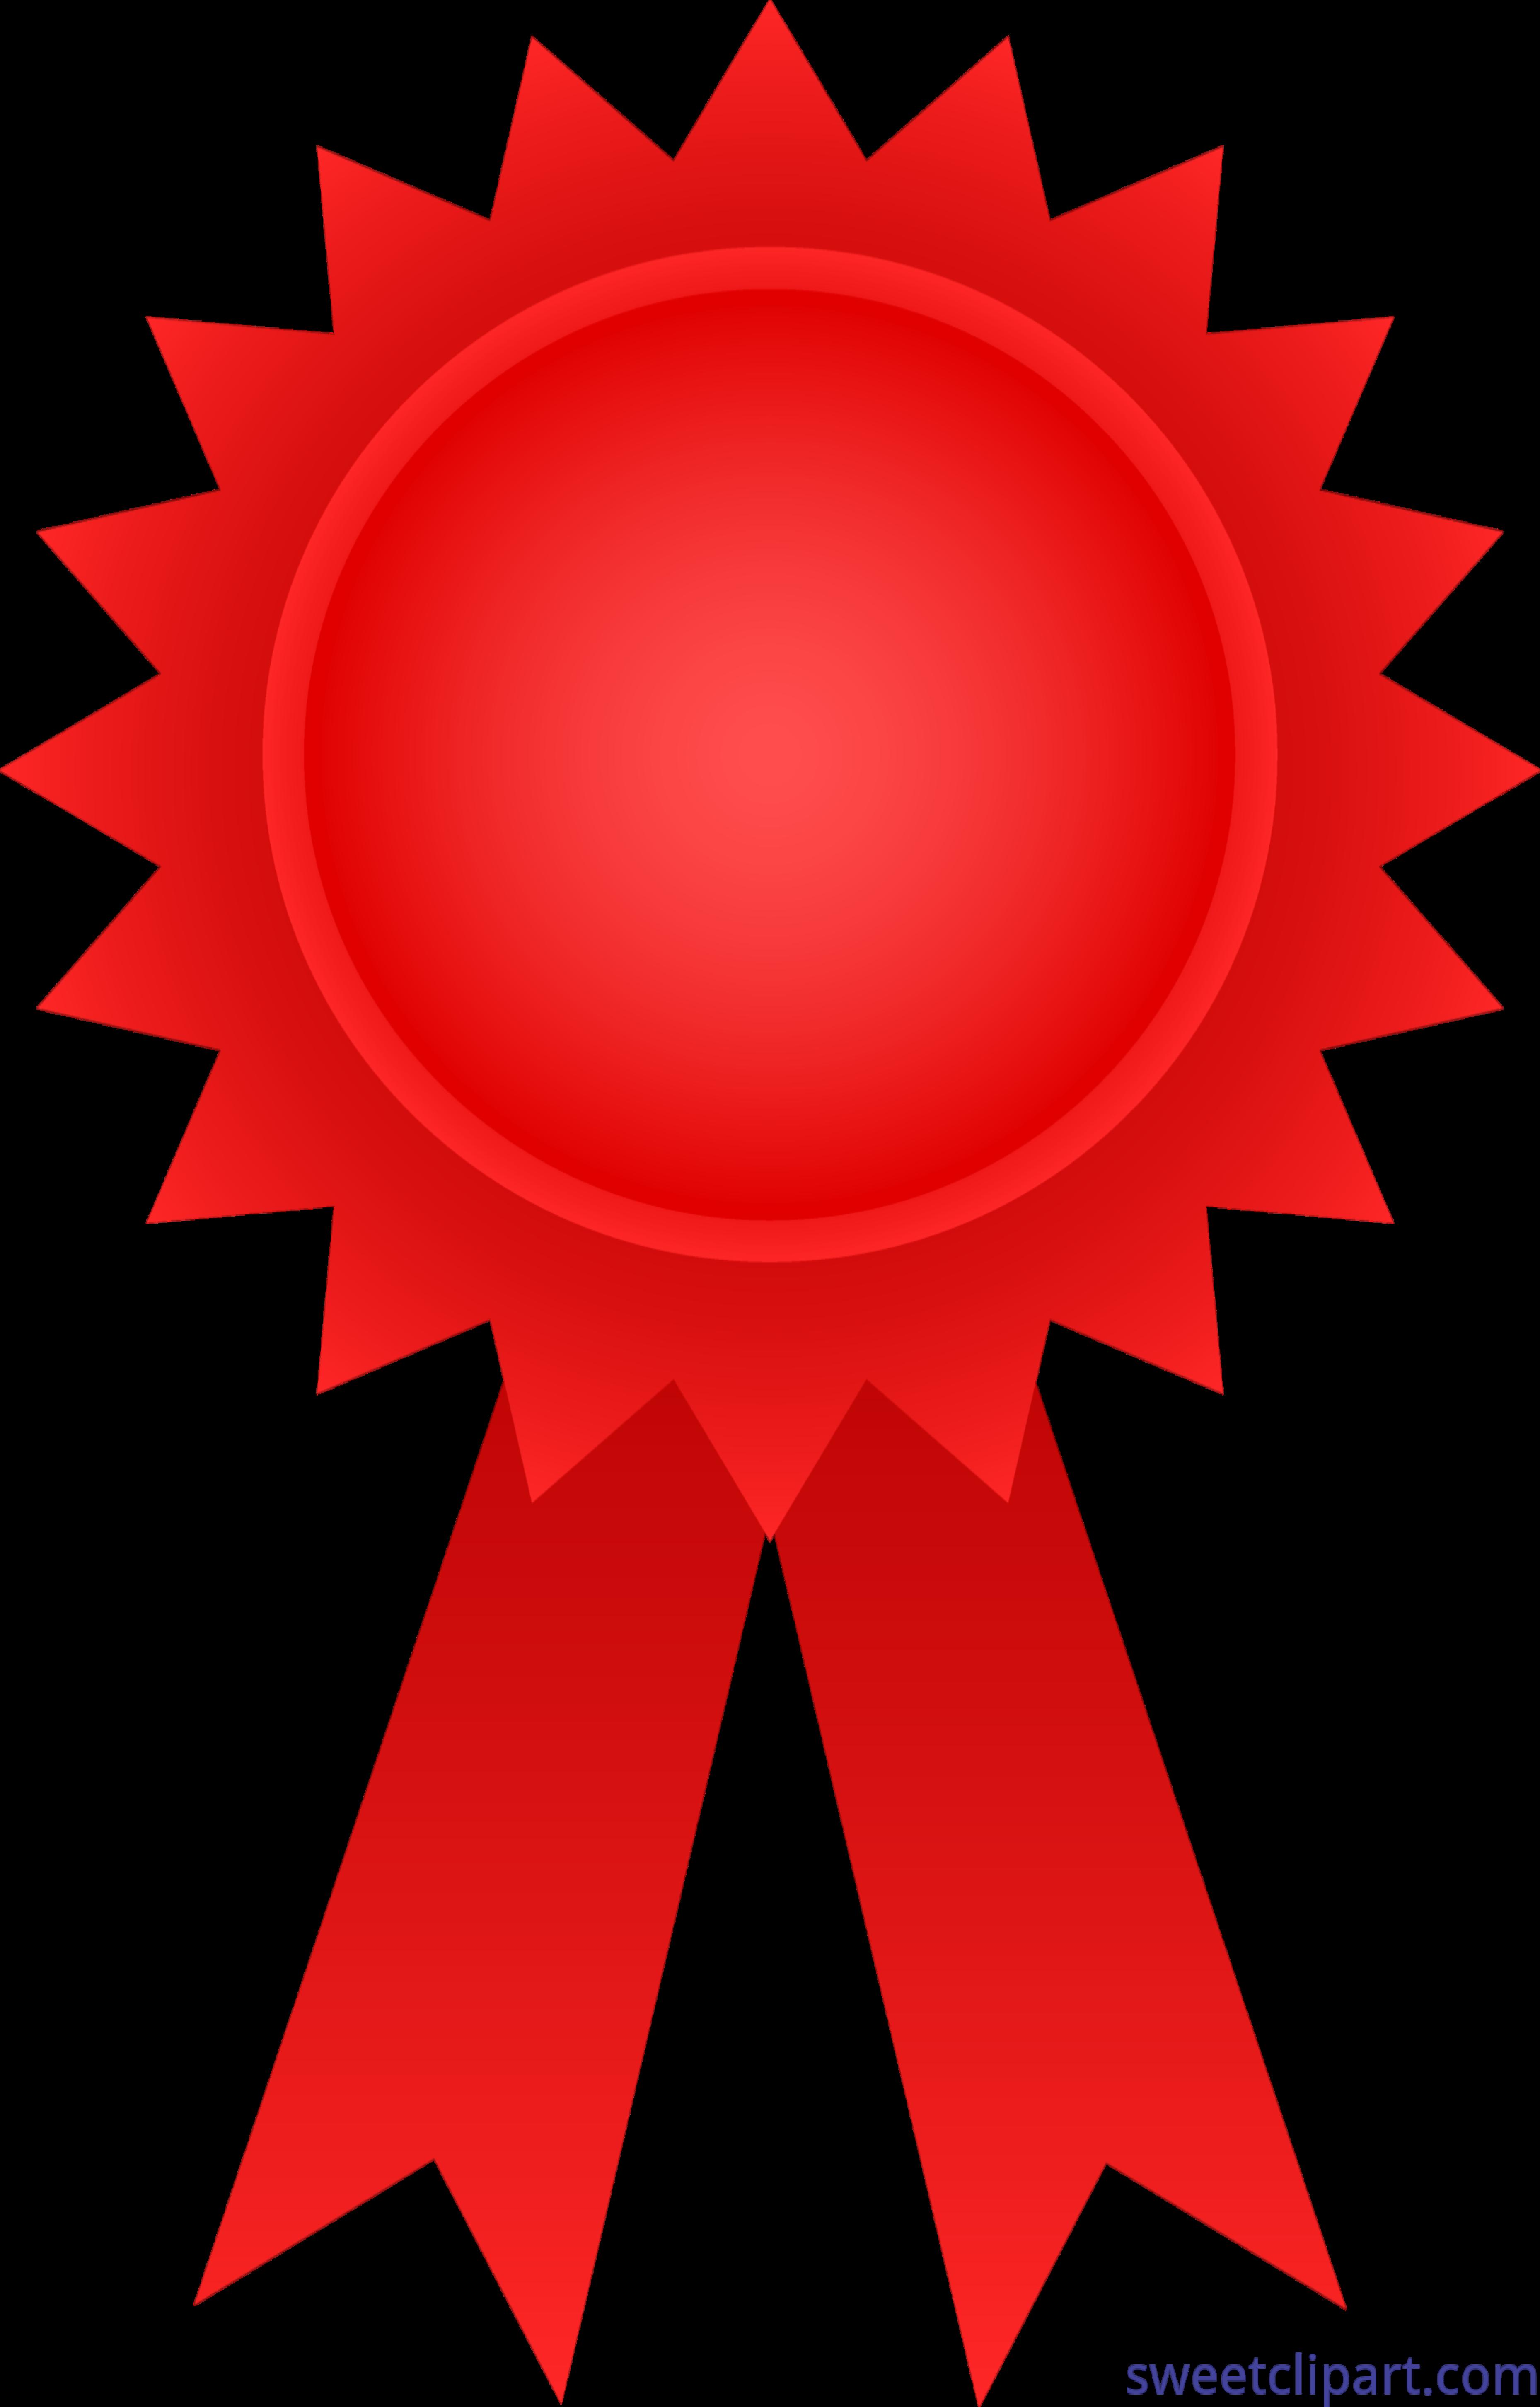 Circle clipart ribbon. Award red clip art